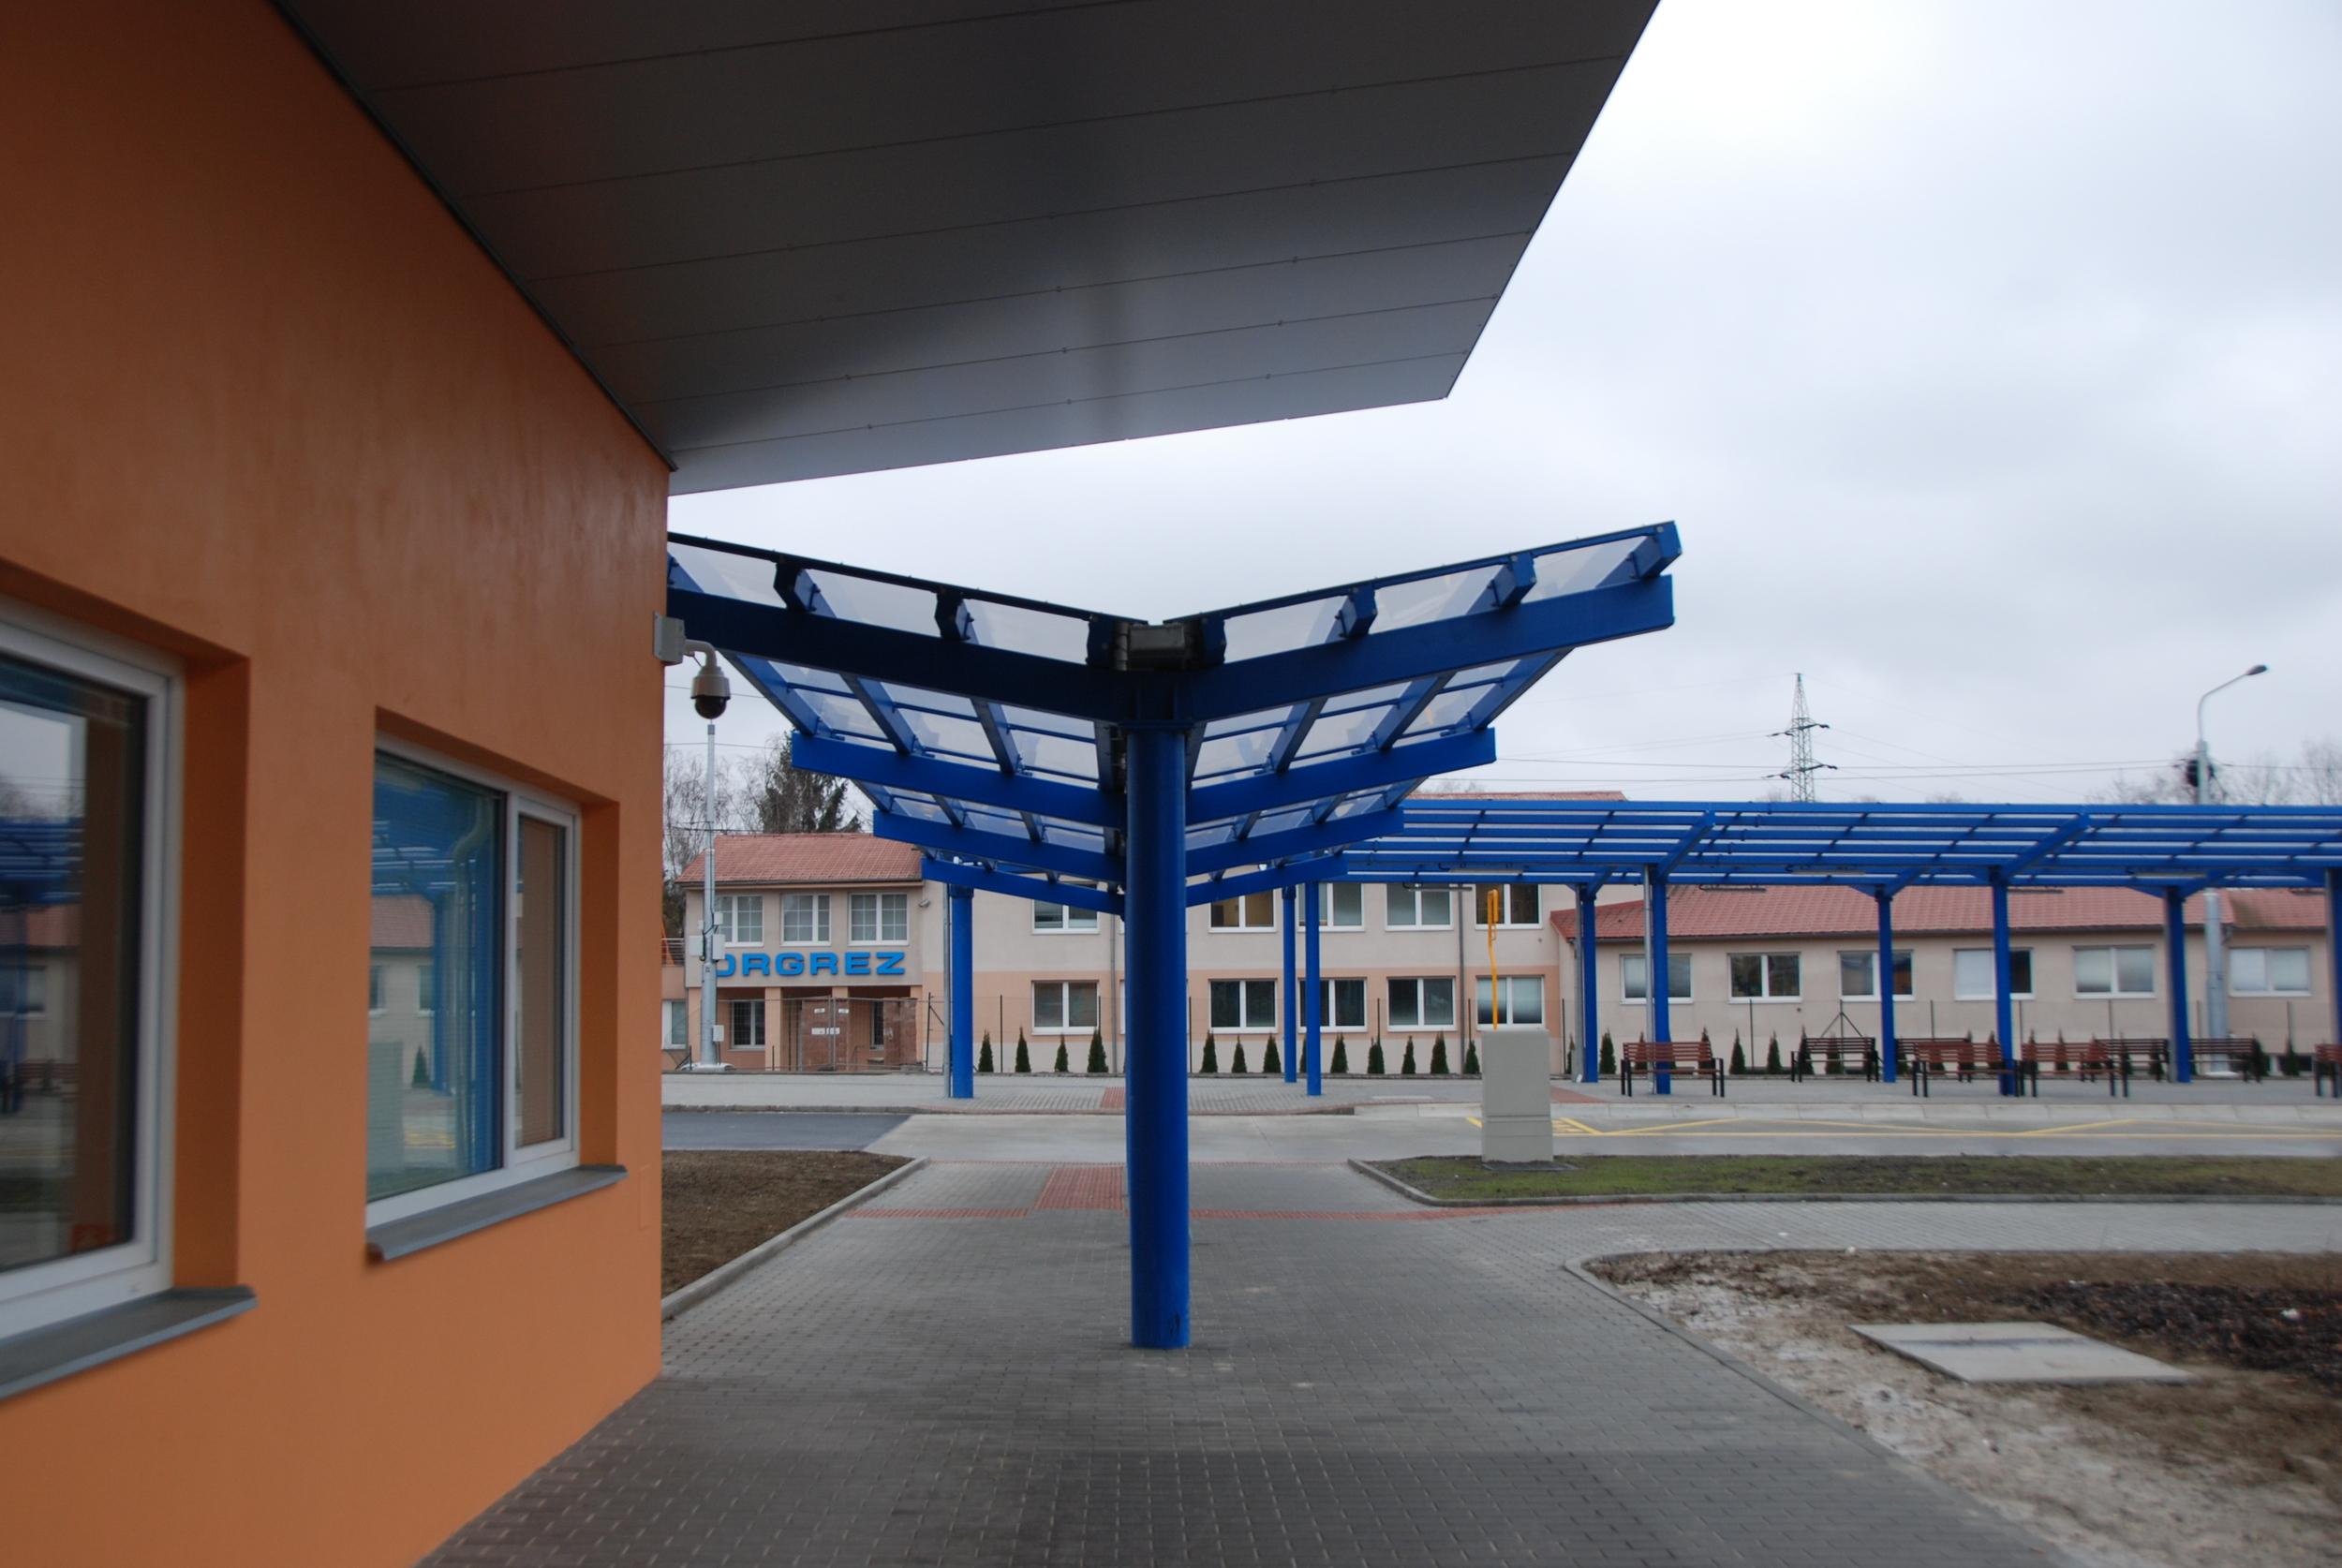 Architektonická řešení celého terminálu je velmi nekvalitní. Jednotlivé stavby na sebe přirozeně nenavazují, použity jsou nejlacinější konstrukce a materiály. Ústředním bodem je objekt sociální vybavenosti uprostřed terminálu. (foto: Libor Hinčica)